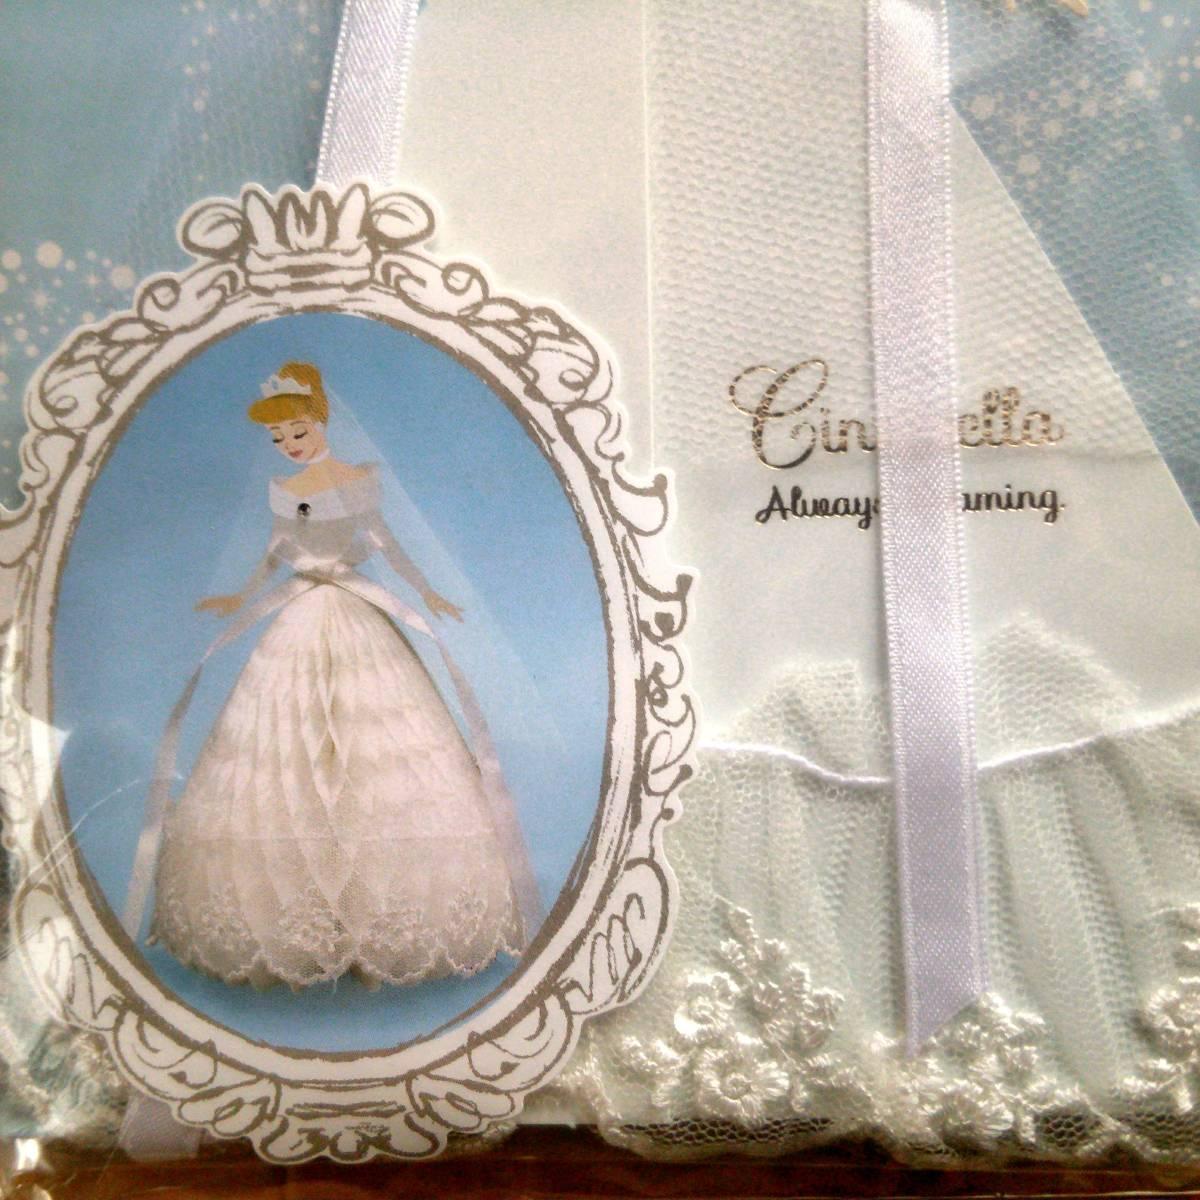 新品 プリンセス 結婚式 バースデイ 立体カード ハニカム多目的カード&ミニカード レース付き シンデレラ _画像2